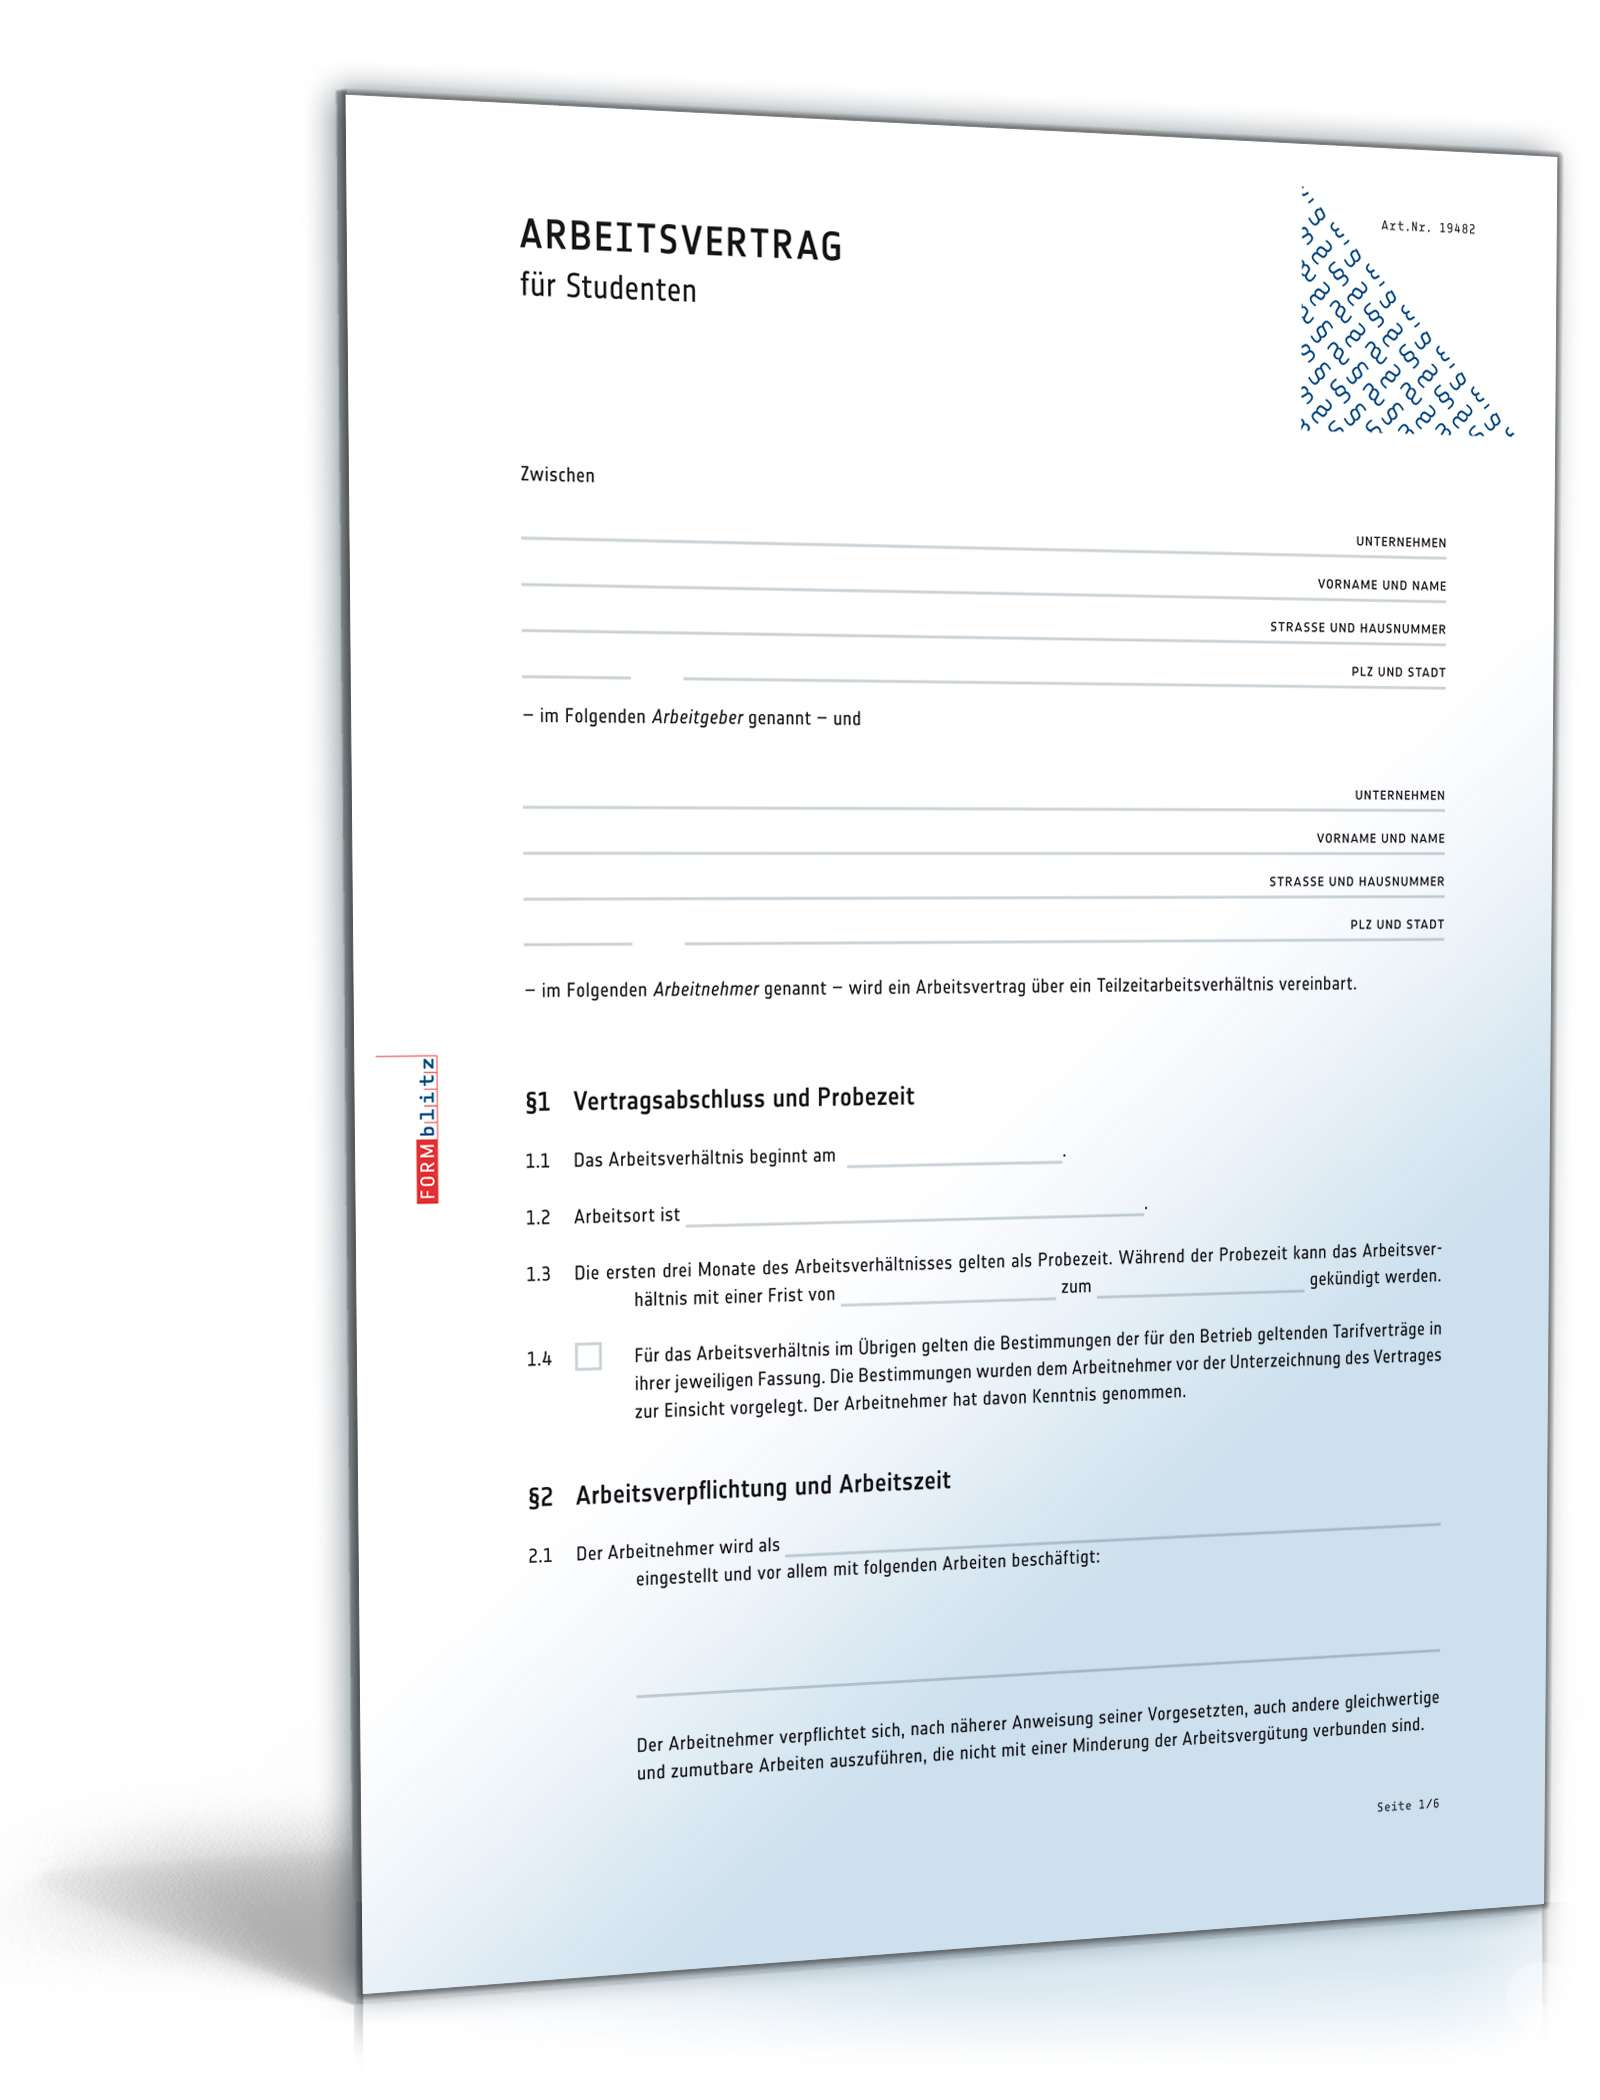 Arbeitsvertrag für Studenten | Muster zum Download